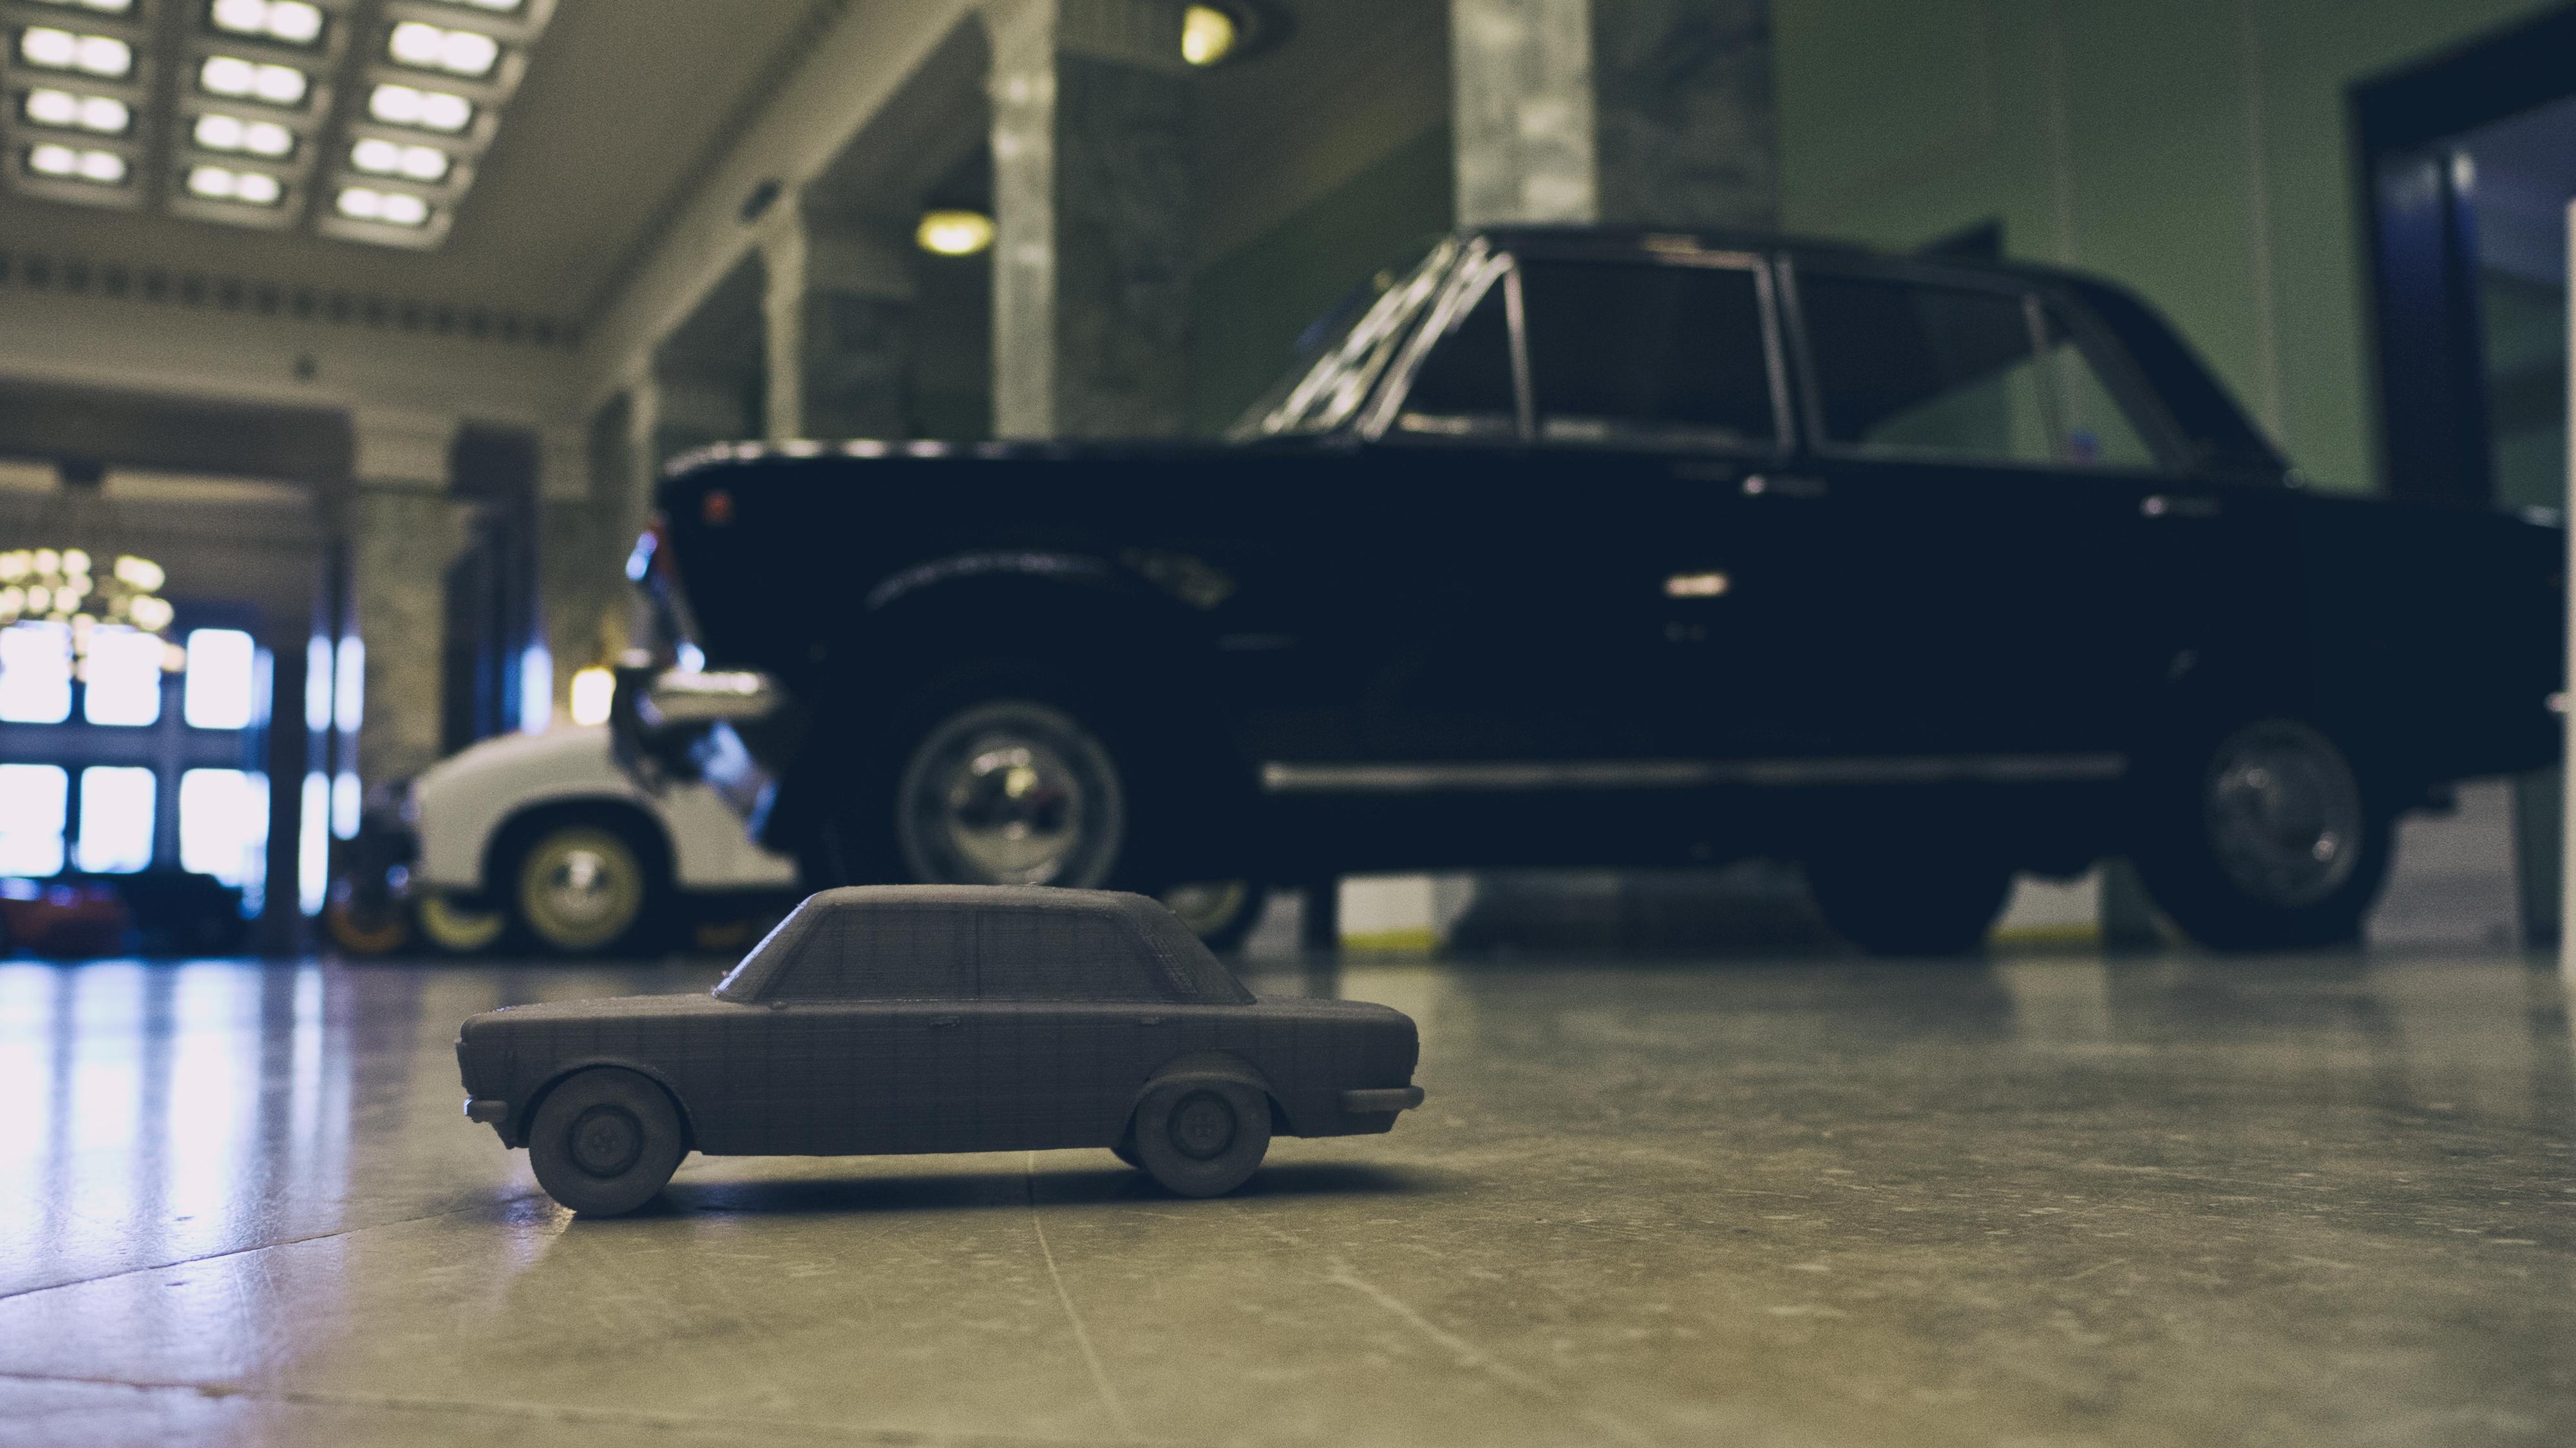 wydrukowany w 3d przez sygnis new technologies zabytkowy samochód na wysatwie narodowego muzeum techniki - perły motoryzacji